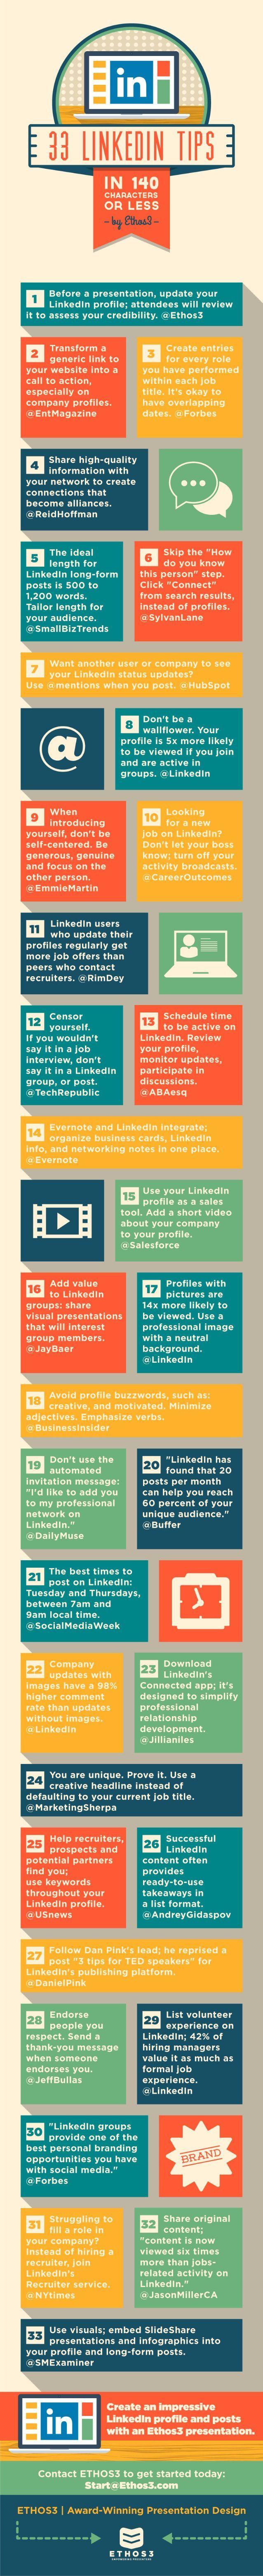 33 Linkedin Tips in 140 Characters or Less | #linkedin #socialmedia